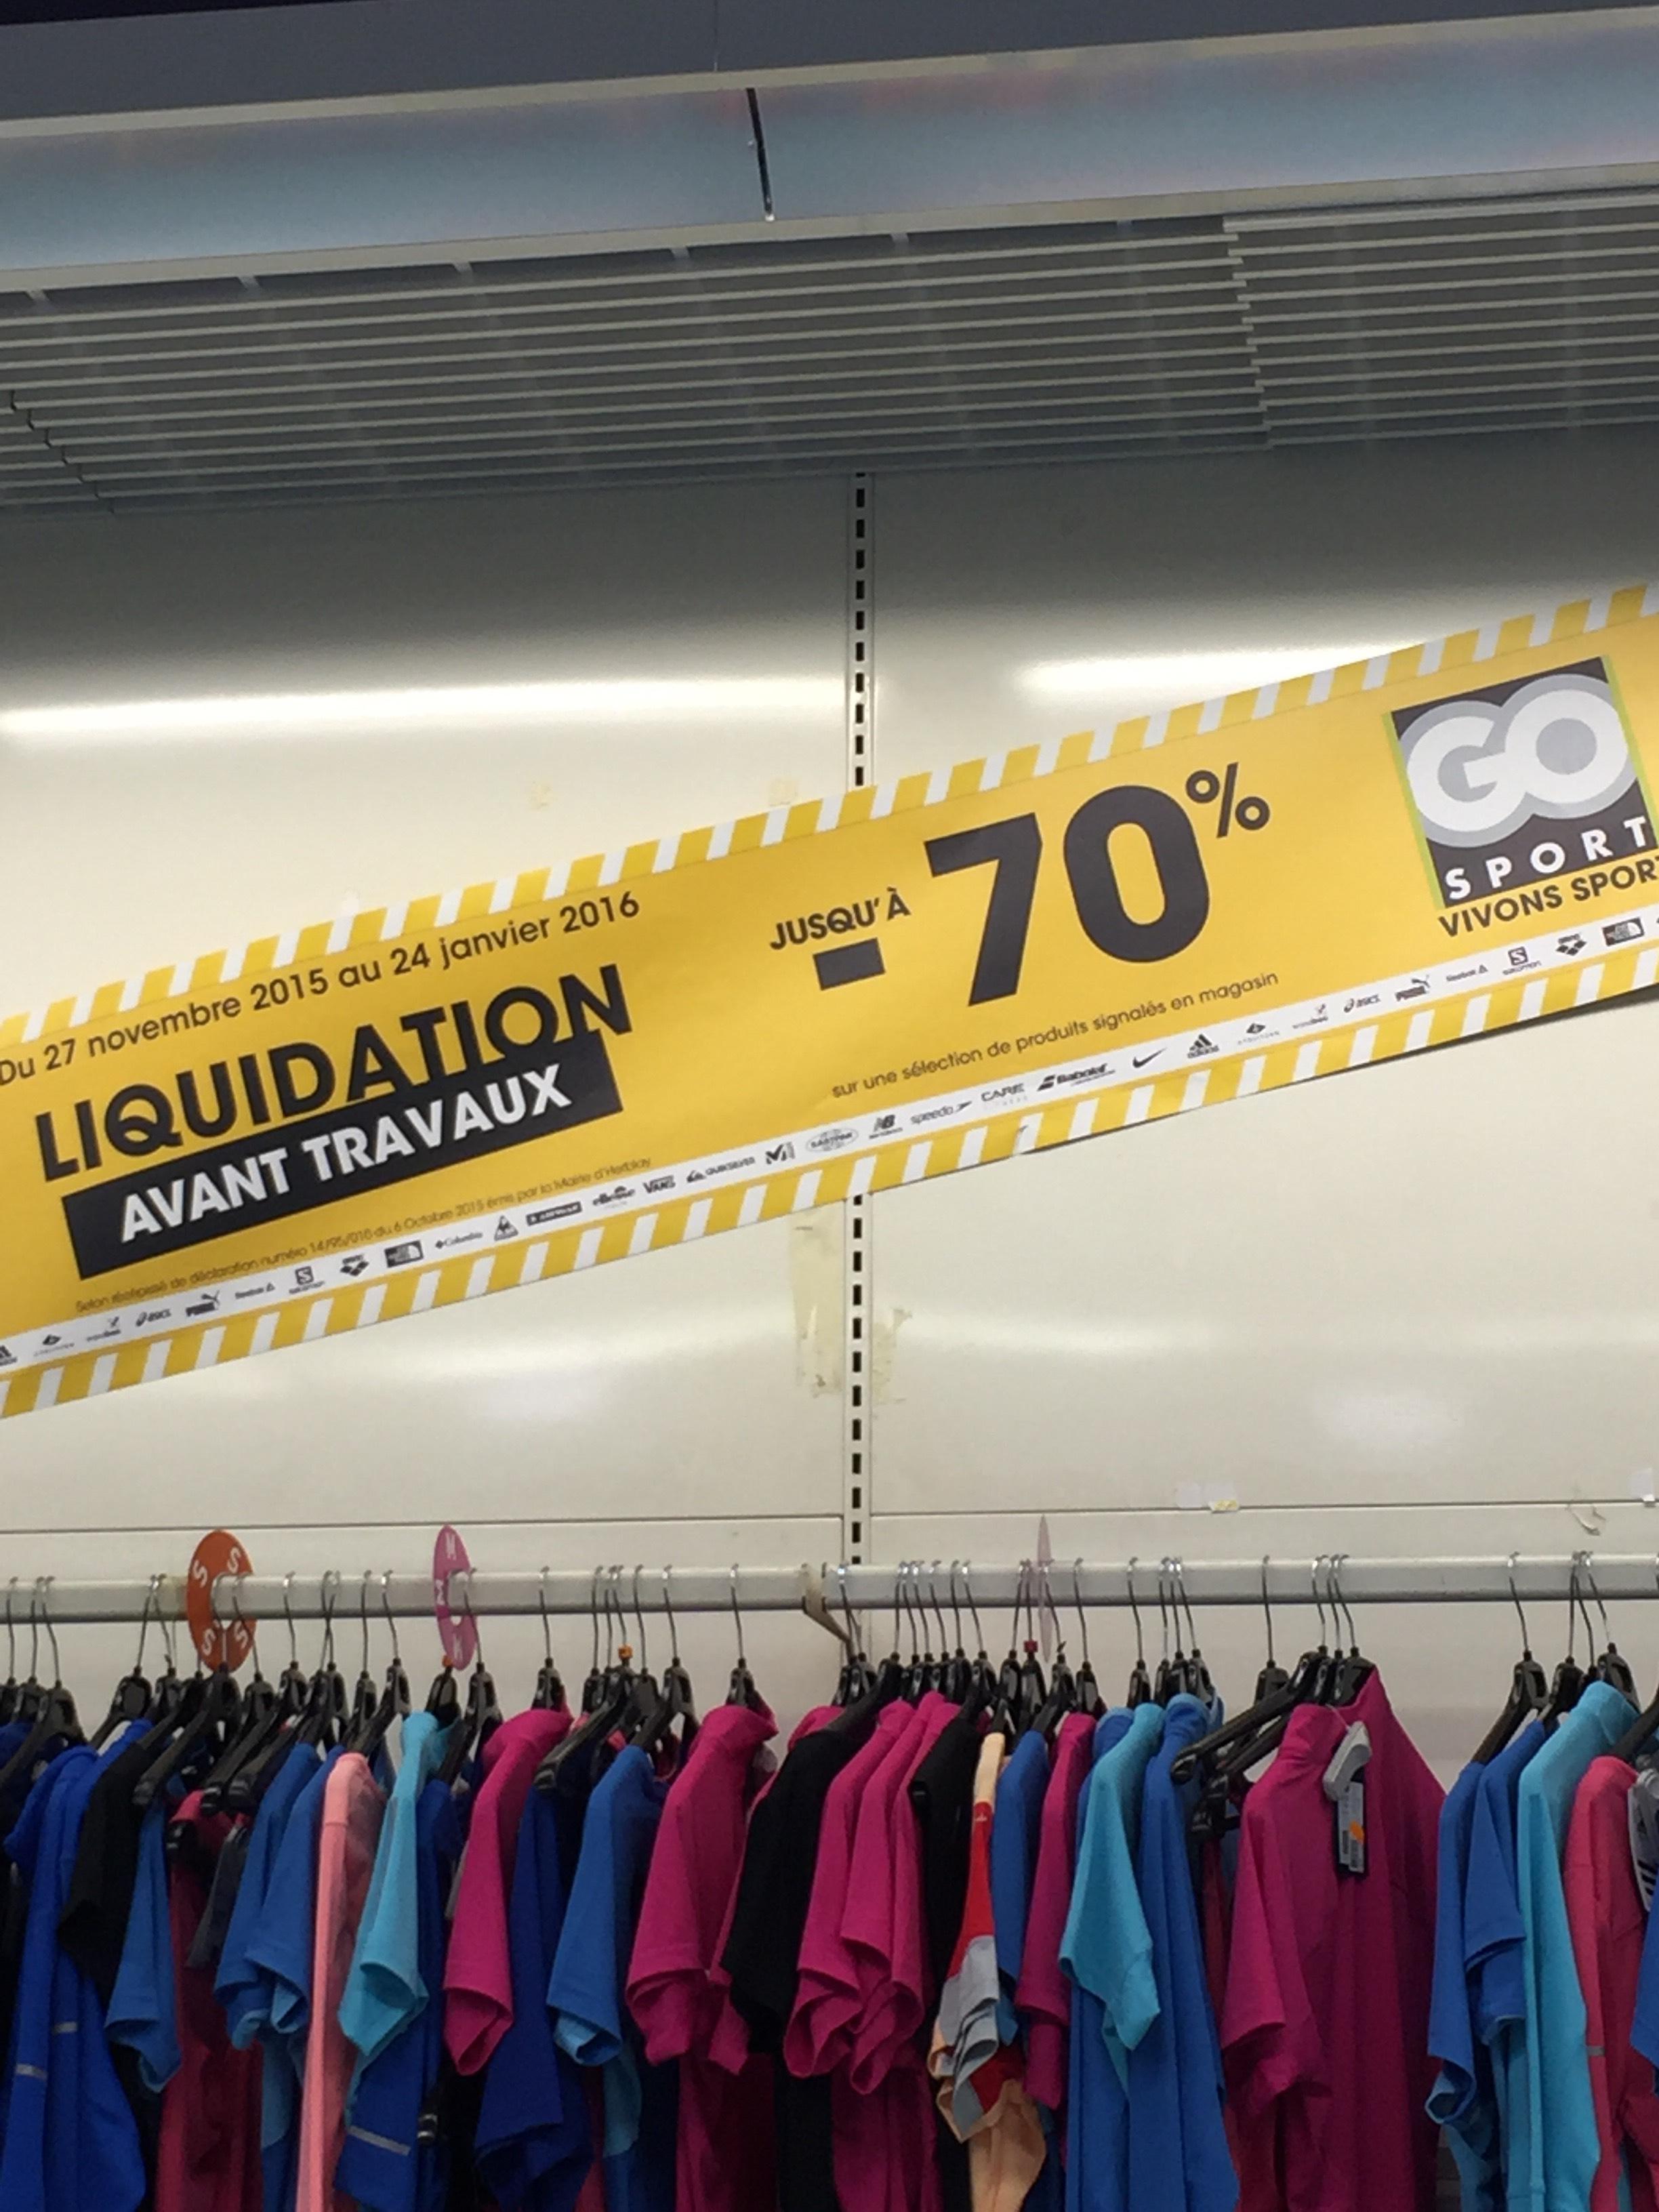 Liquidation : Jusqu'à 70% de réduction sur une sélection de produits signalés